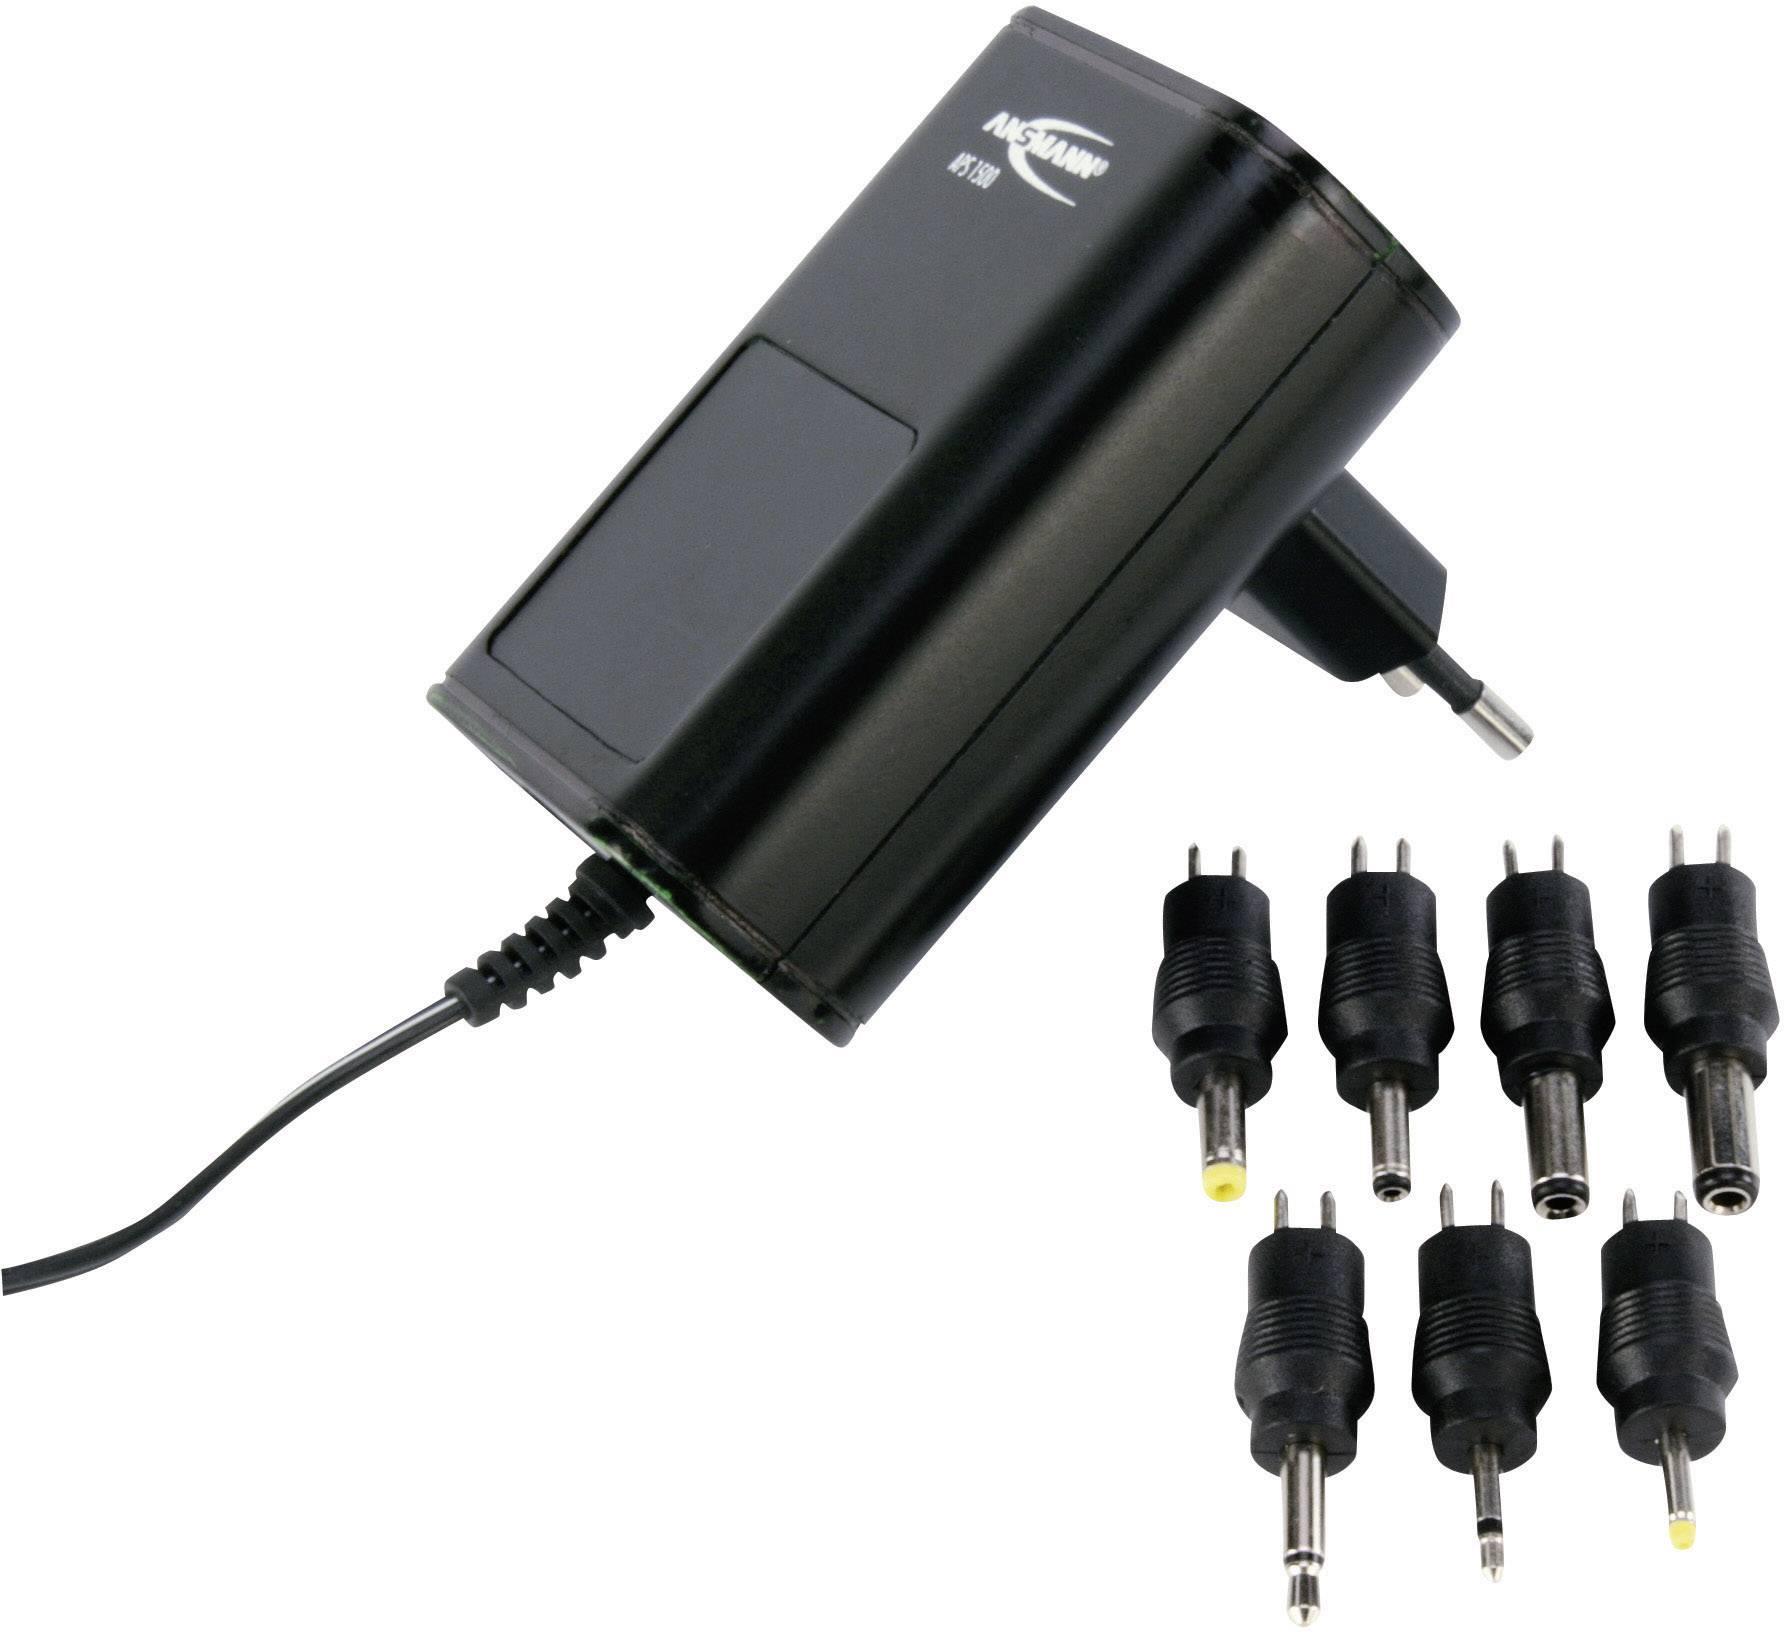 Sieťový adaptér s redukciami Ansmann APS 1500, 3 - 12 V/DC, 18 W